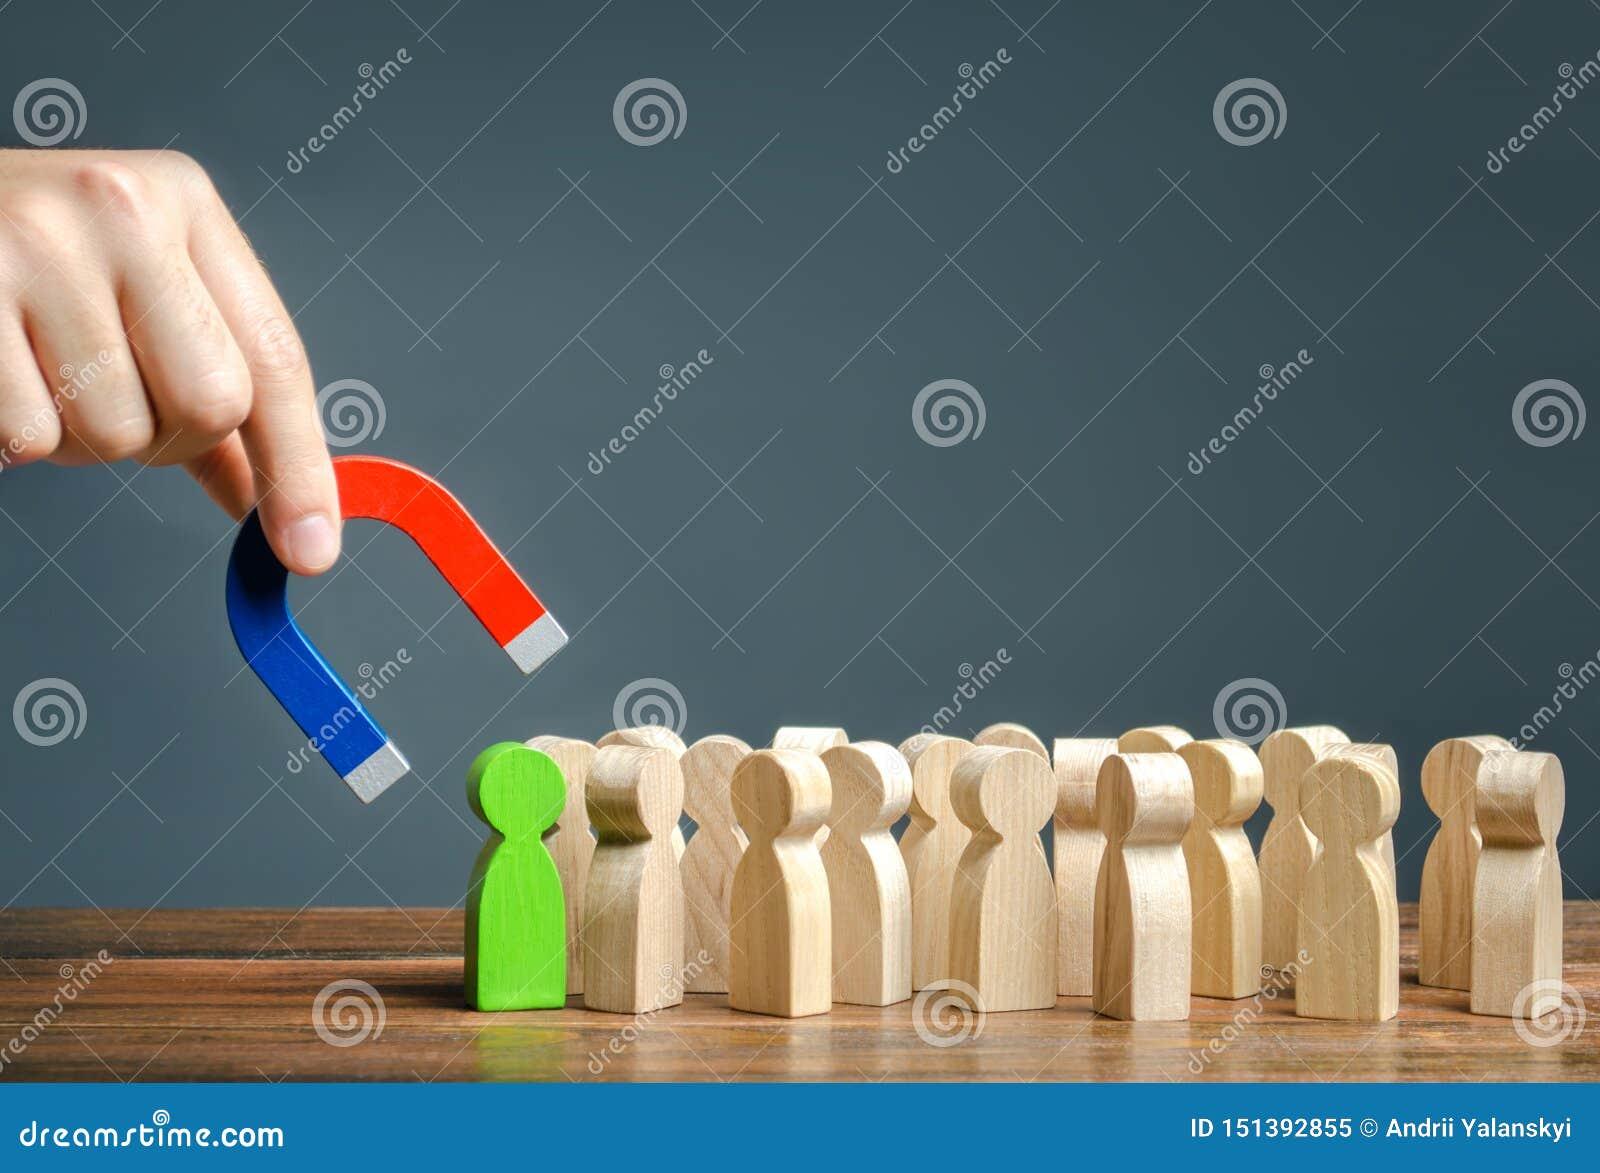 Een hand met een magneet probeert om een groen cijfer van een persoon uit een menigte te trekken Zoeken voor begaafde arbeiders m